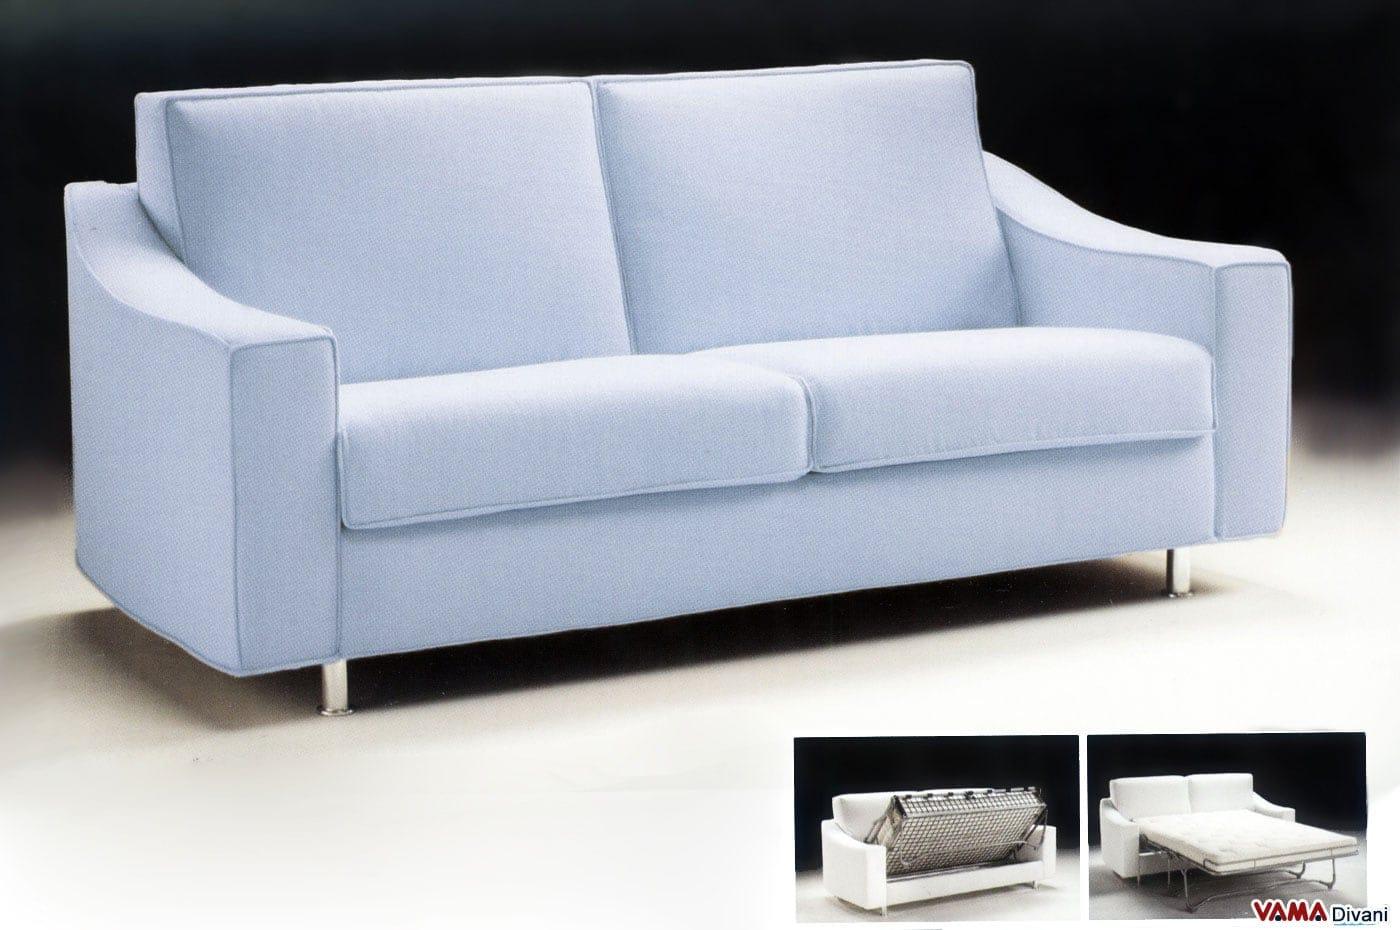 Divano letto moderno matrimoniale in tessuto sfoderabile - Letto a divano ...